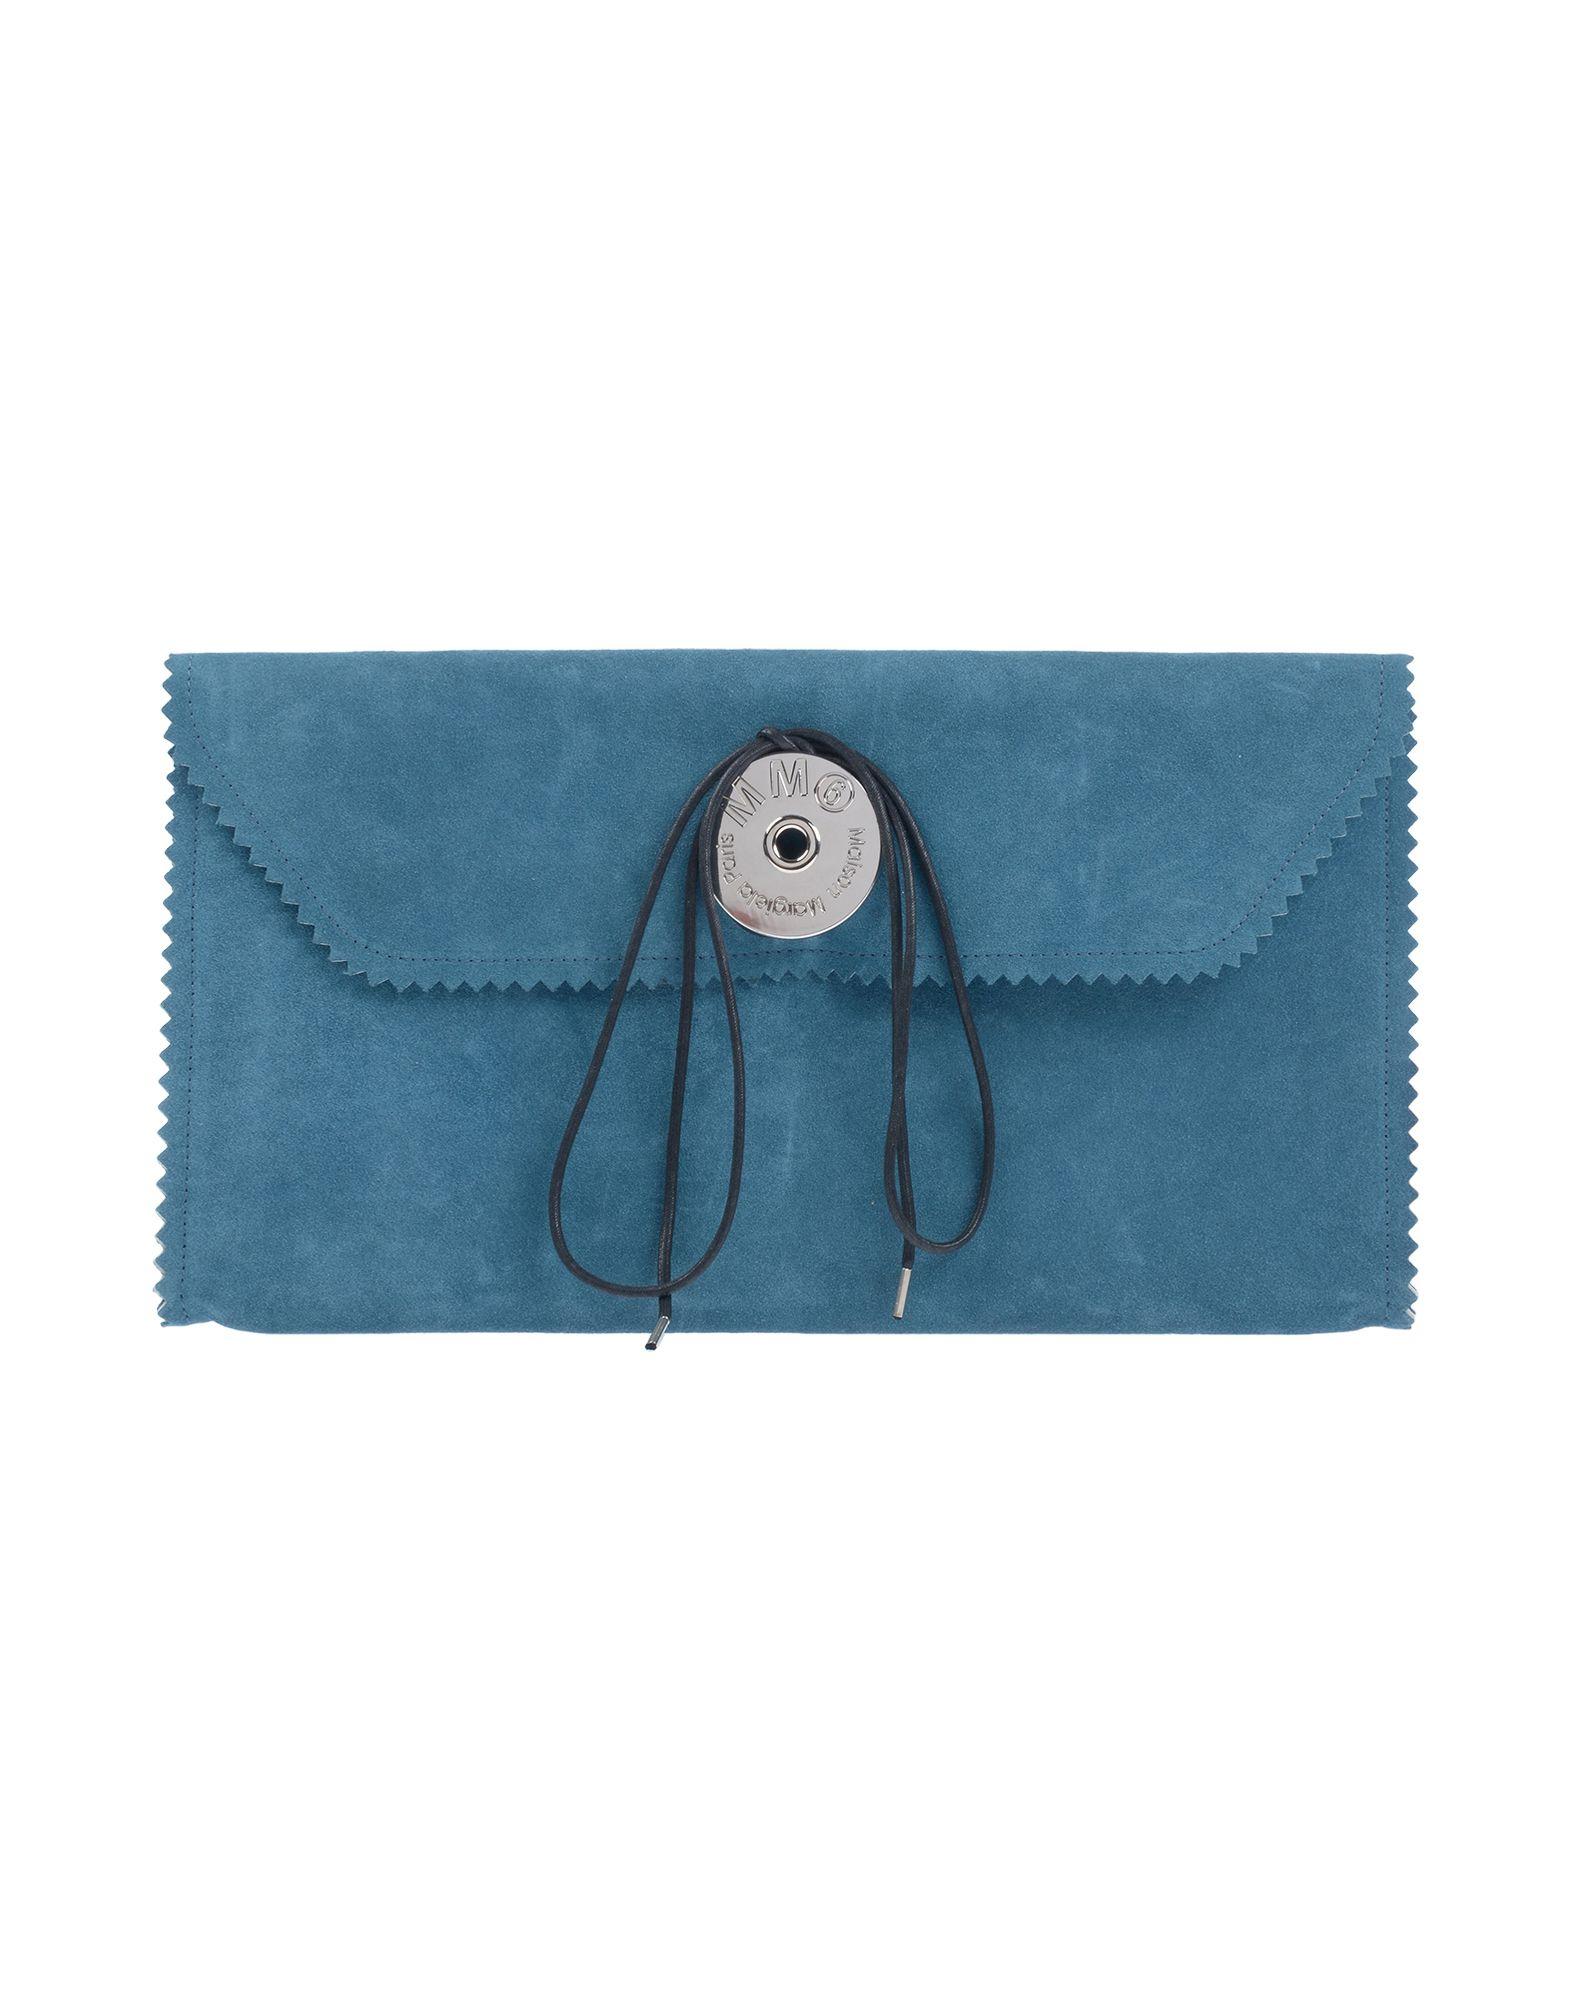 《送料無料》MM6 MAISON MARGIELA レディース ハンドバッグ ブルーグレー 革 100% / 指定外繊維(紙)